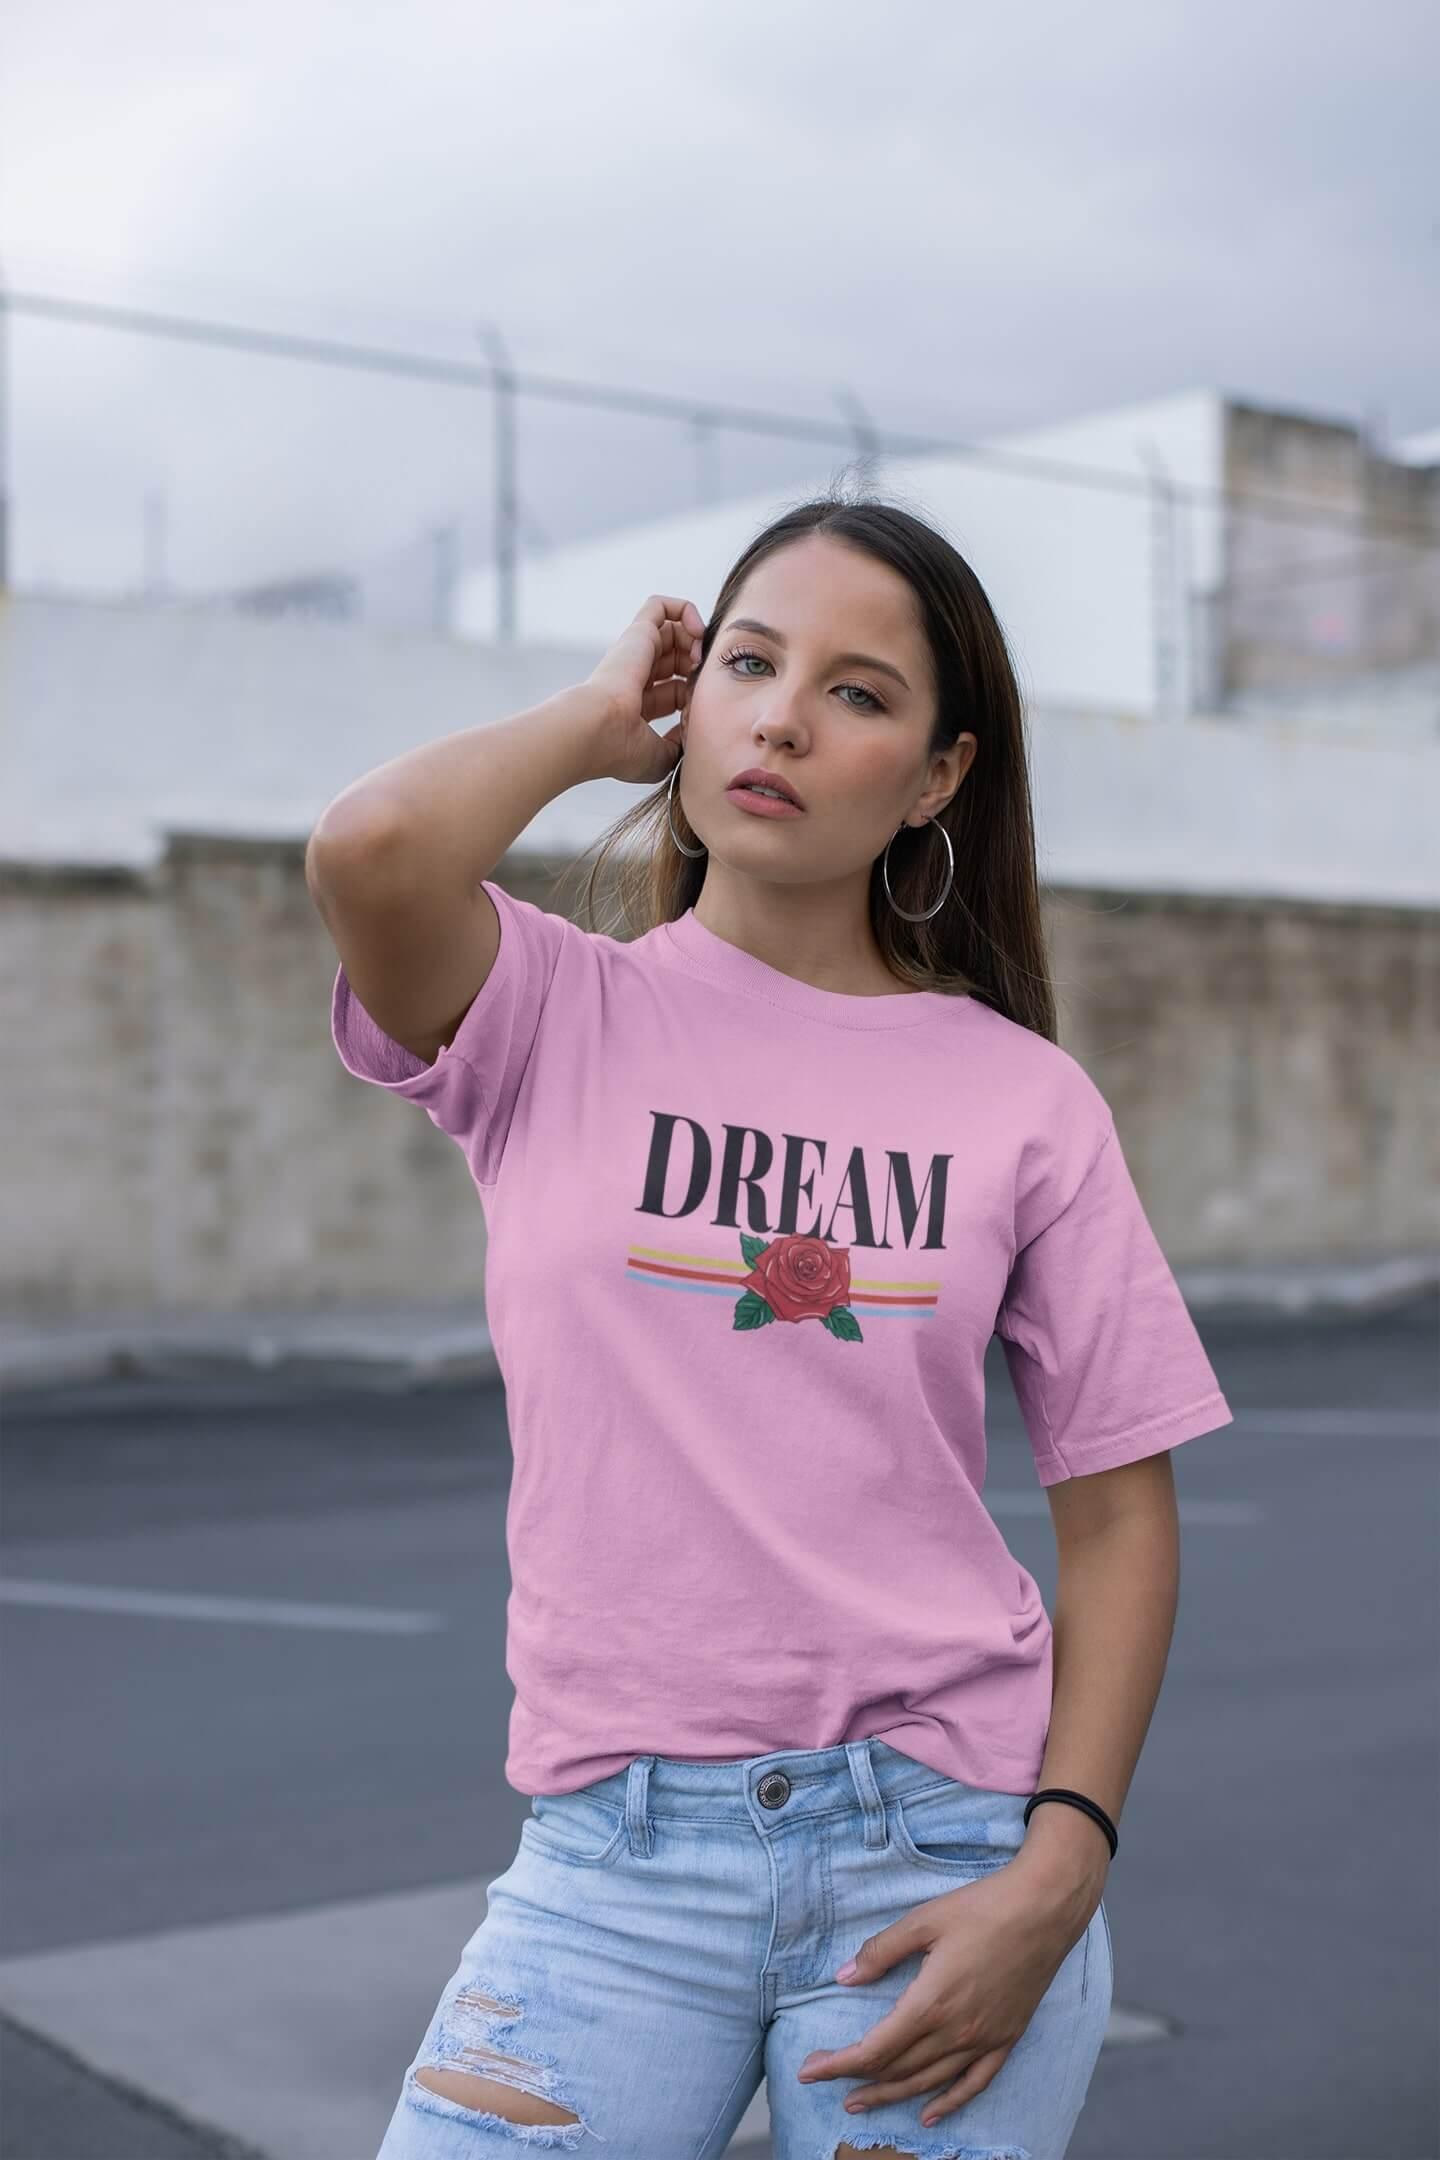 MMO Dámske tričko Dream Vyberte farbu: Ružová, Vyberte veľkosť: M